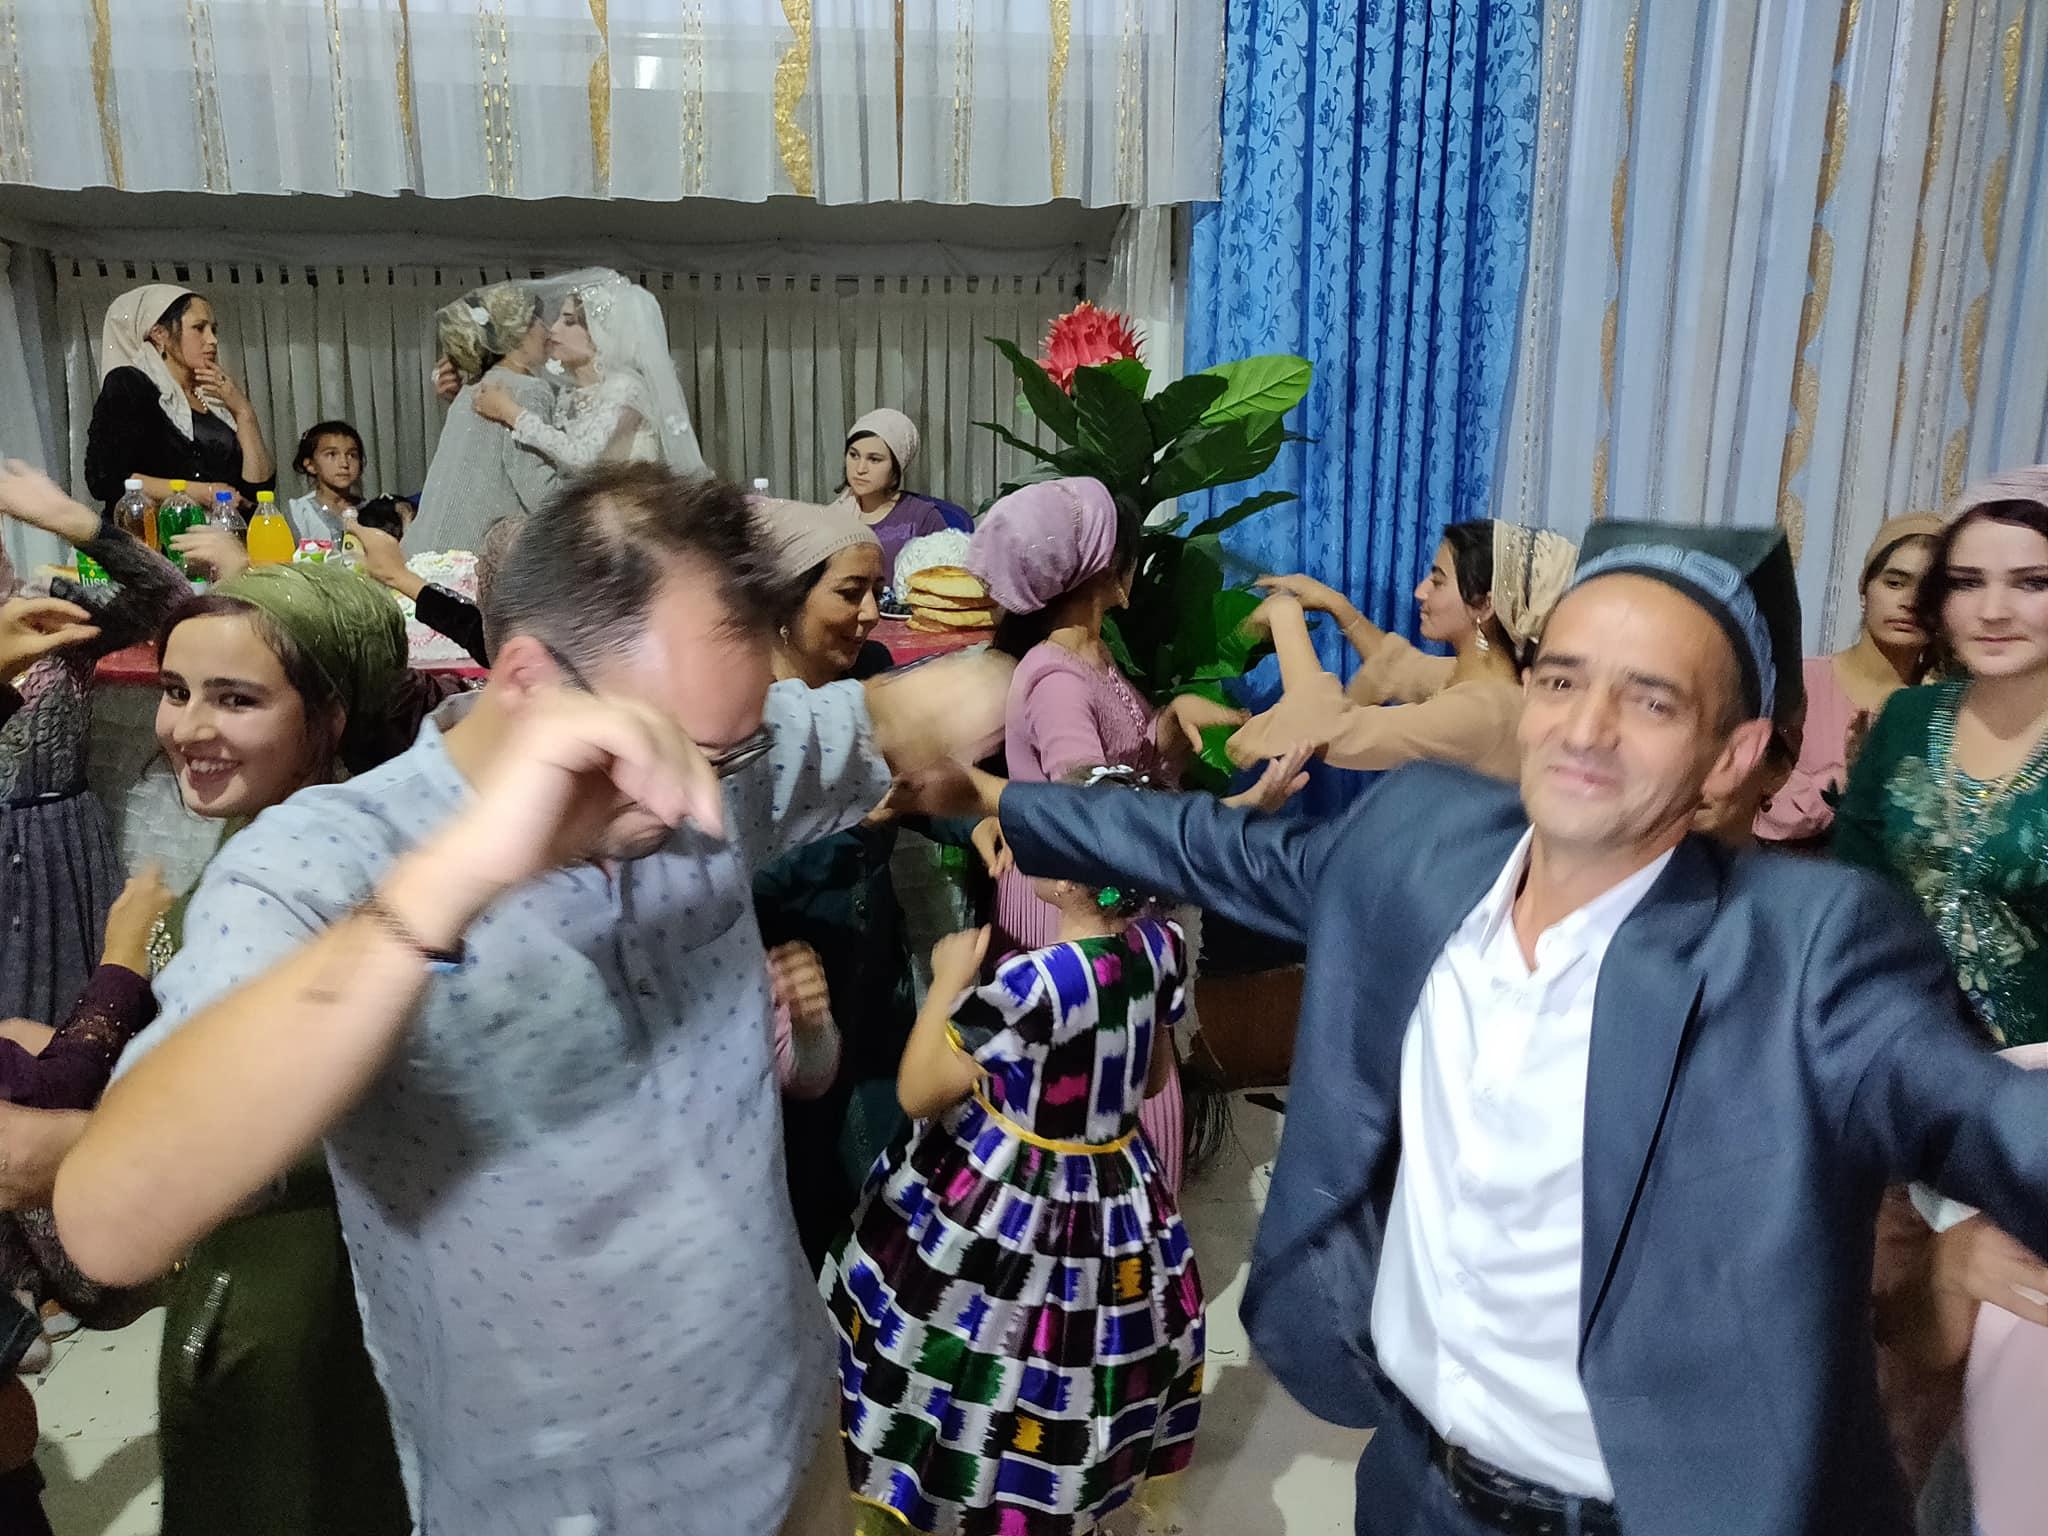 Balli di matrimonio scatenati (quello a destra è il padre dello sposo)